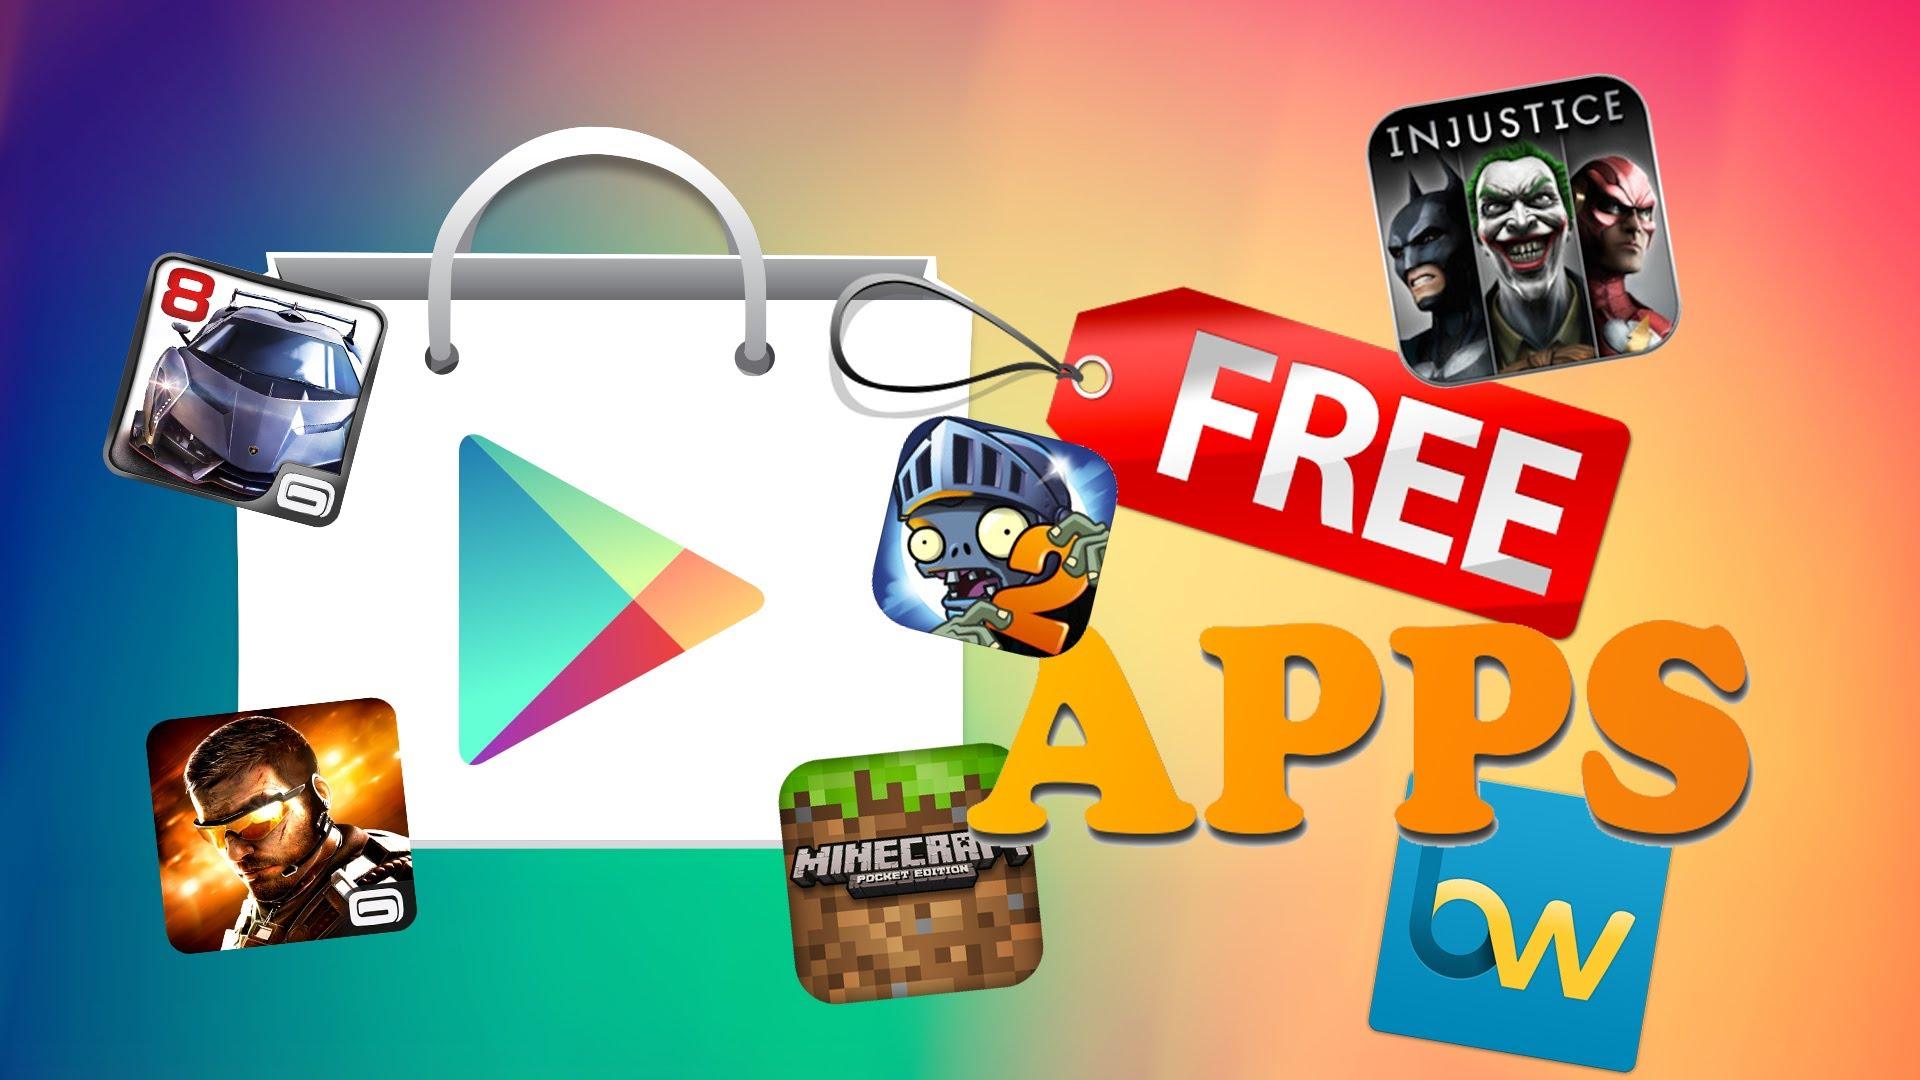 Mời tải 11 ứng dụng dành cho Android đang được miễn phí trong thời gian ngắn